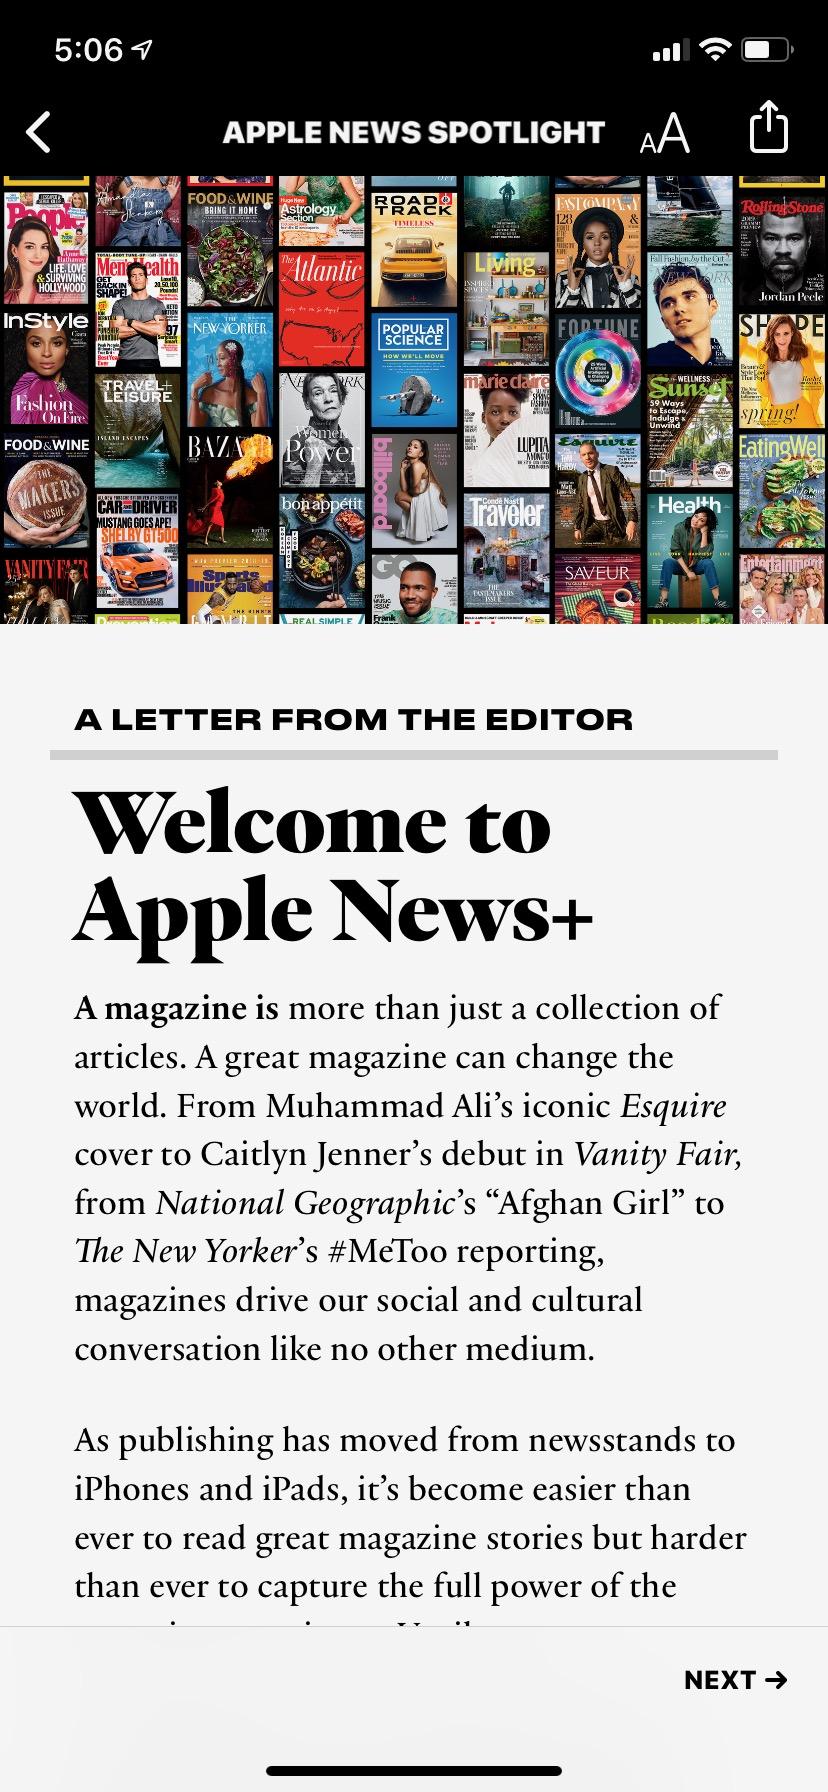 apple news plus is